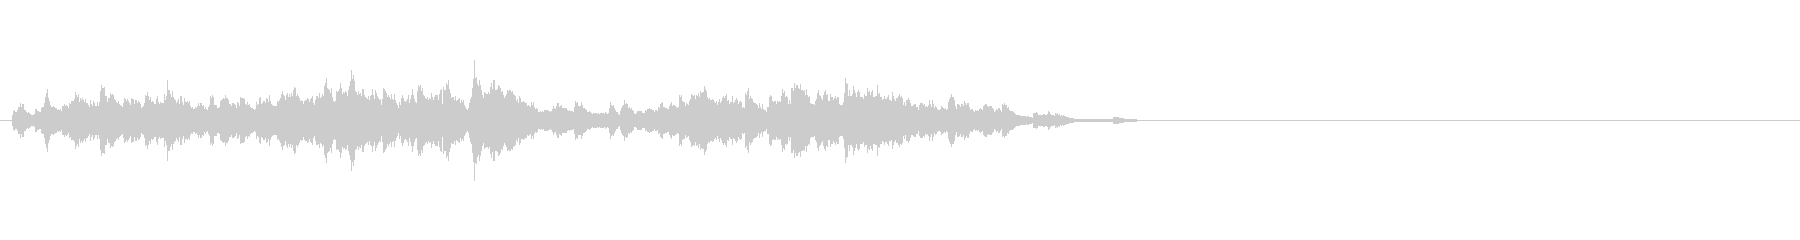 ウィンドチャイムが10秒で上昇(生演奏)の未再生の波形